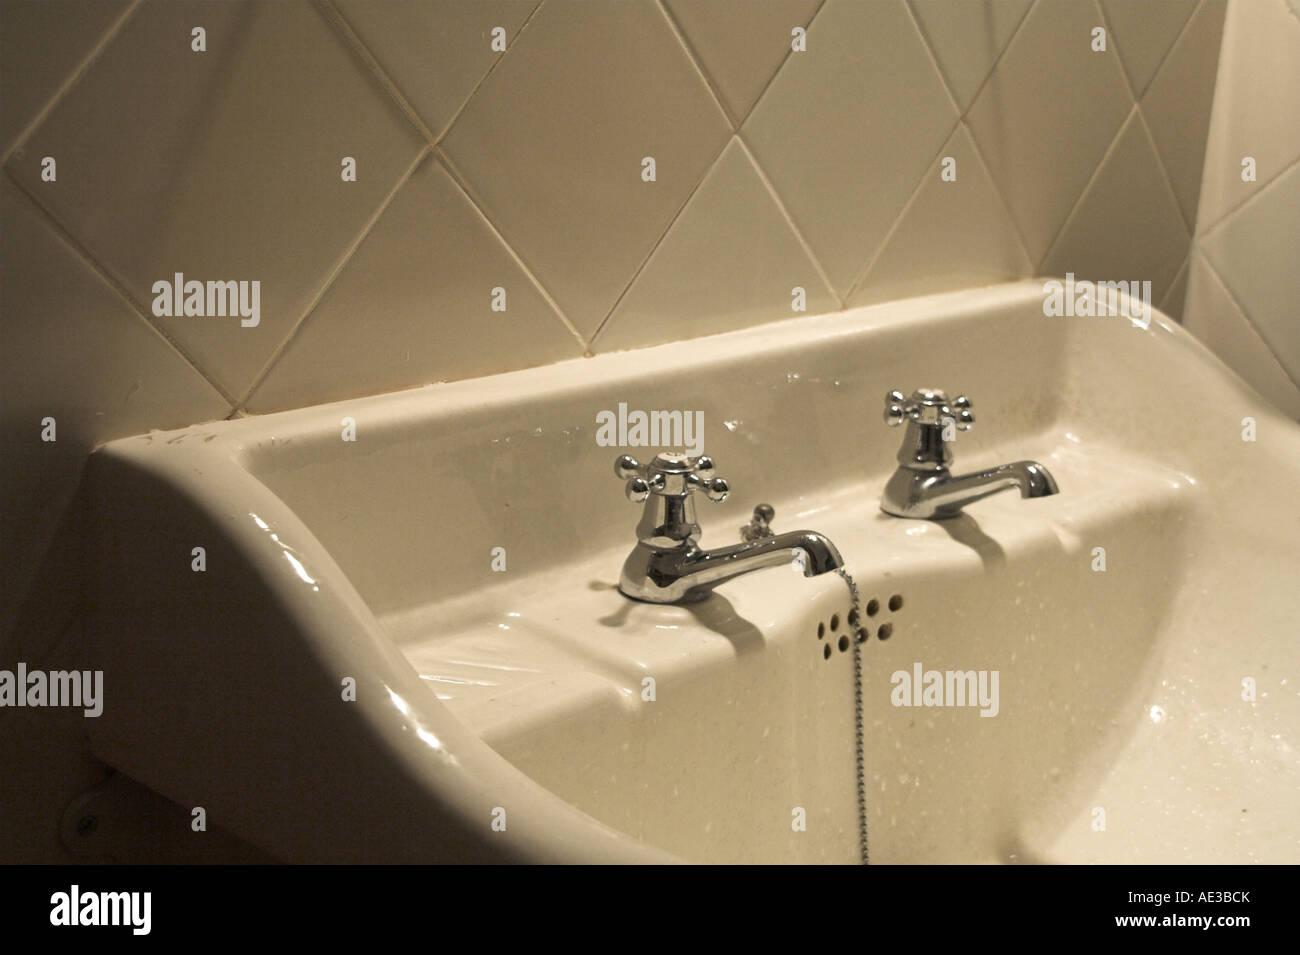 Armaturen waschbecken wand  alte Badezimmer Waschbecken mit alten Armaturen in einer gefliesten ...